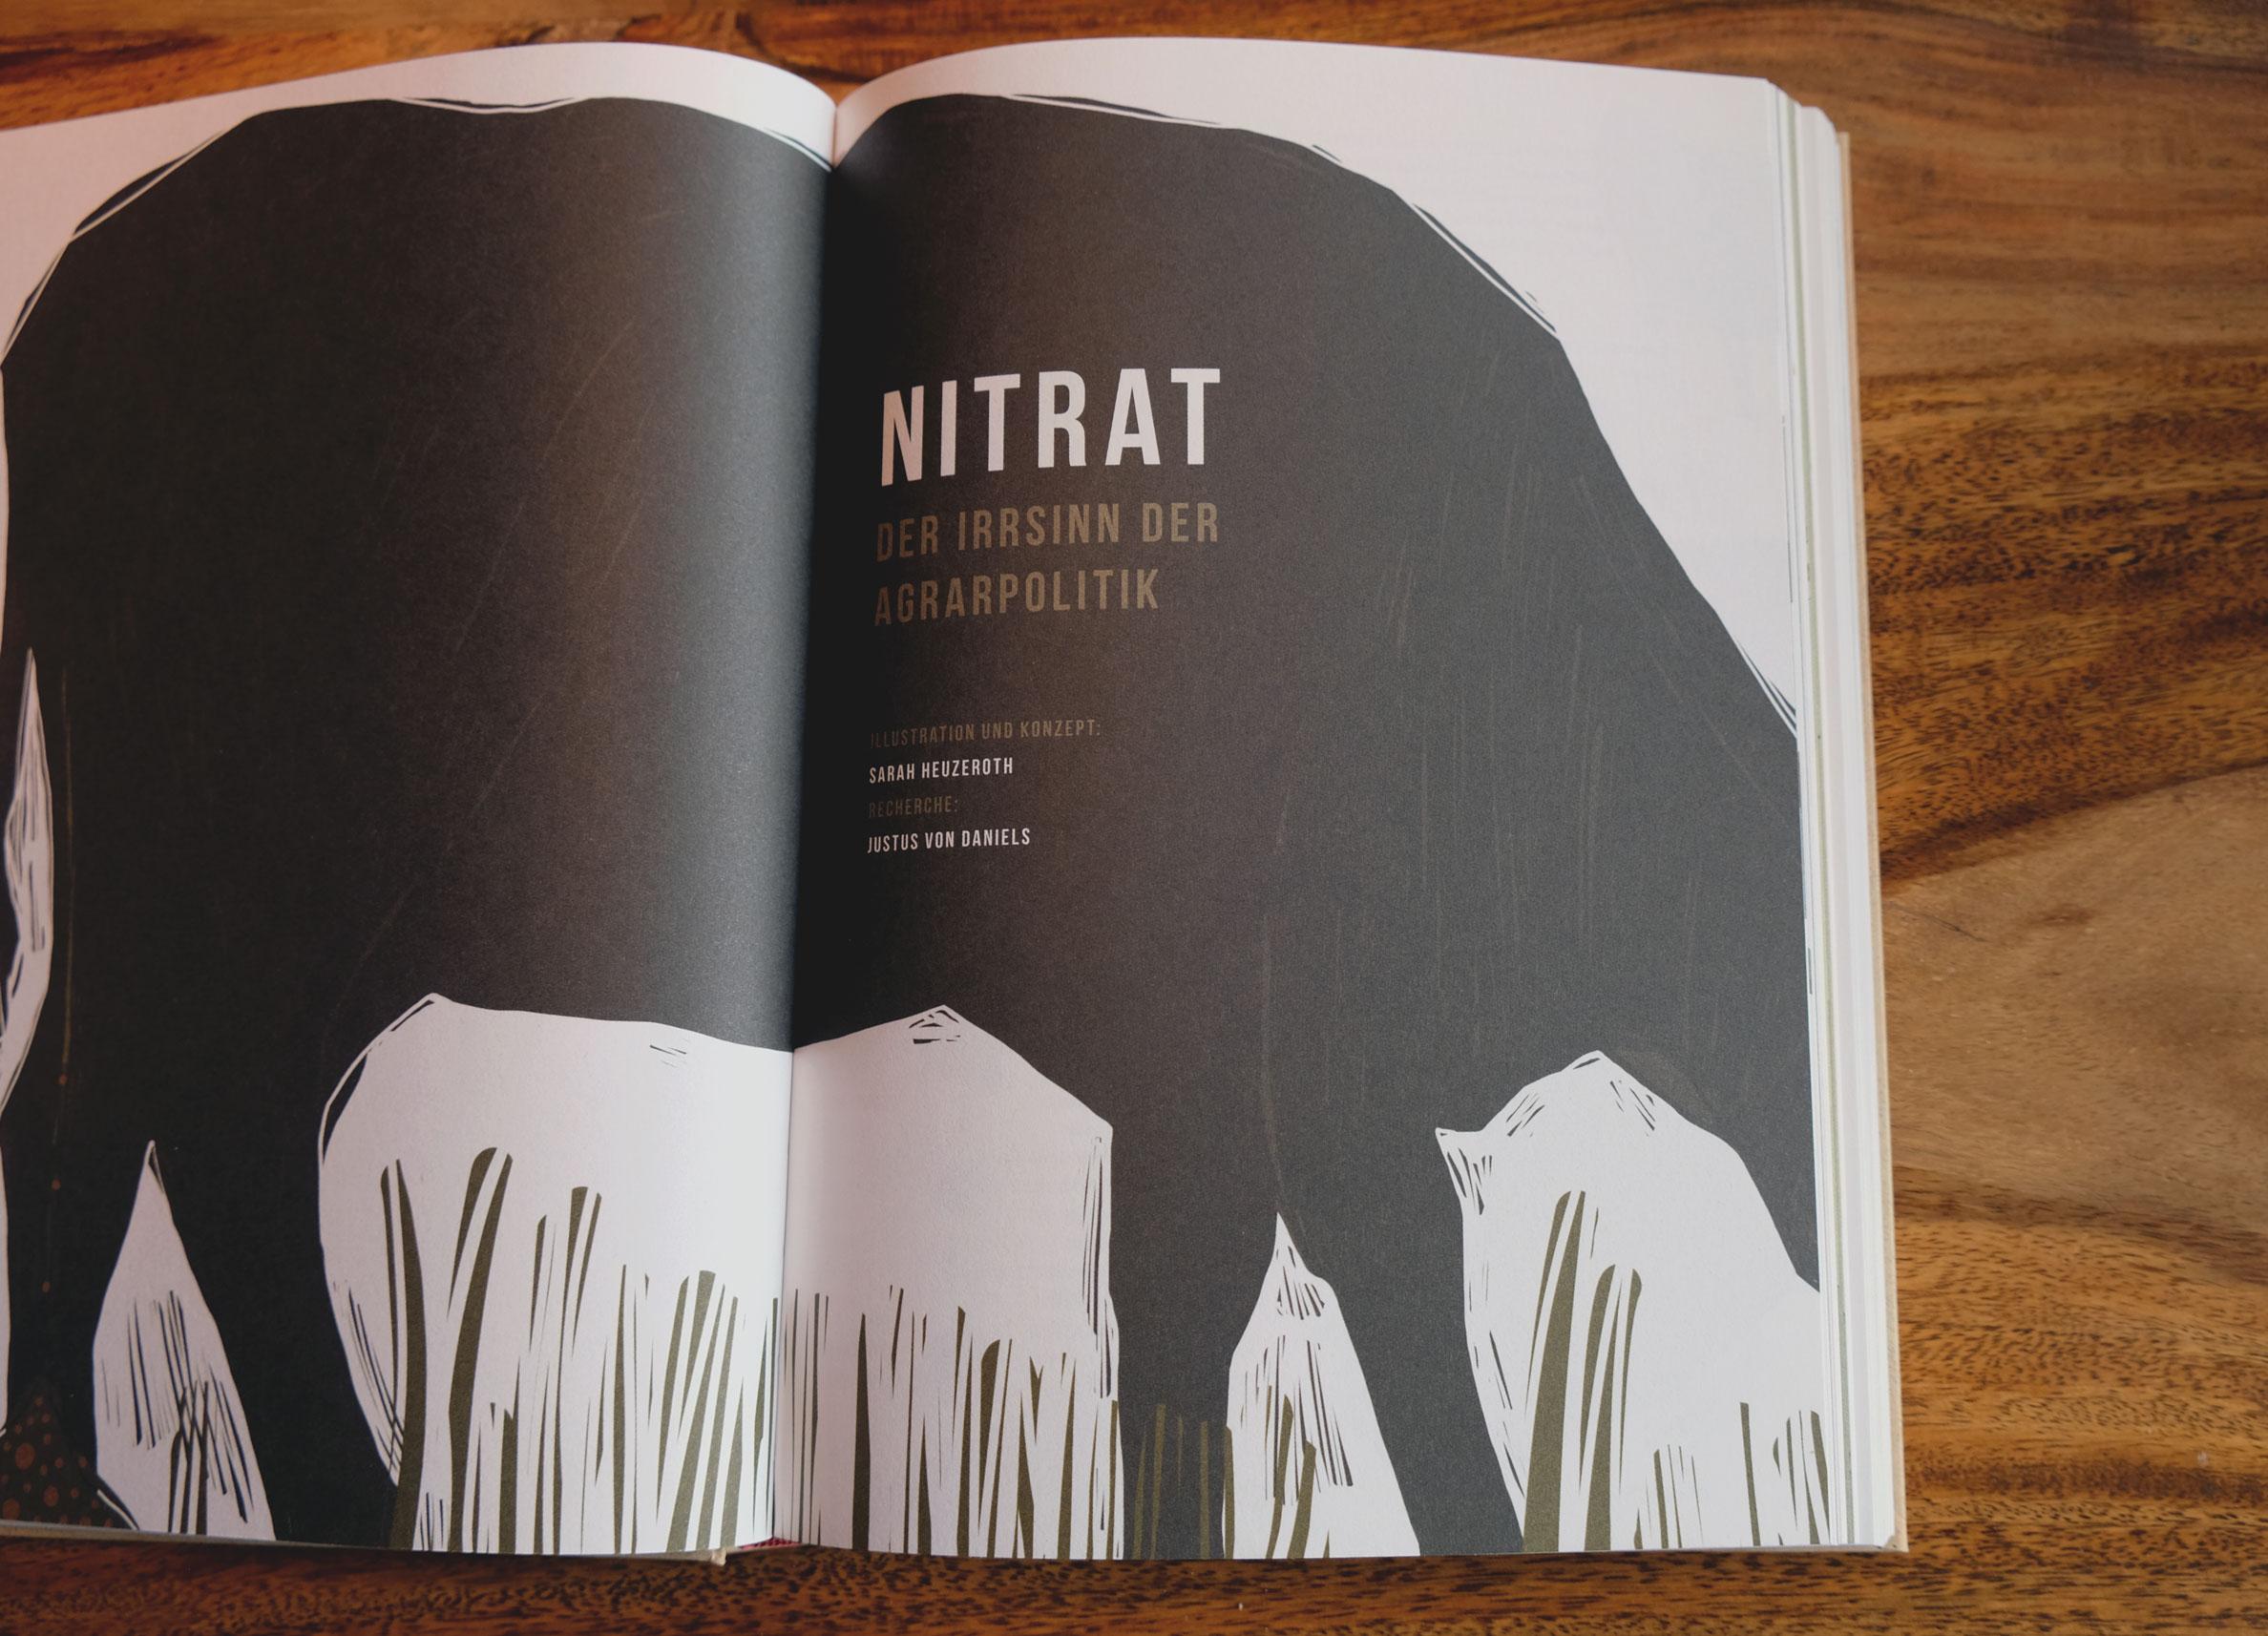 Nitrat1_heuzeroth